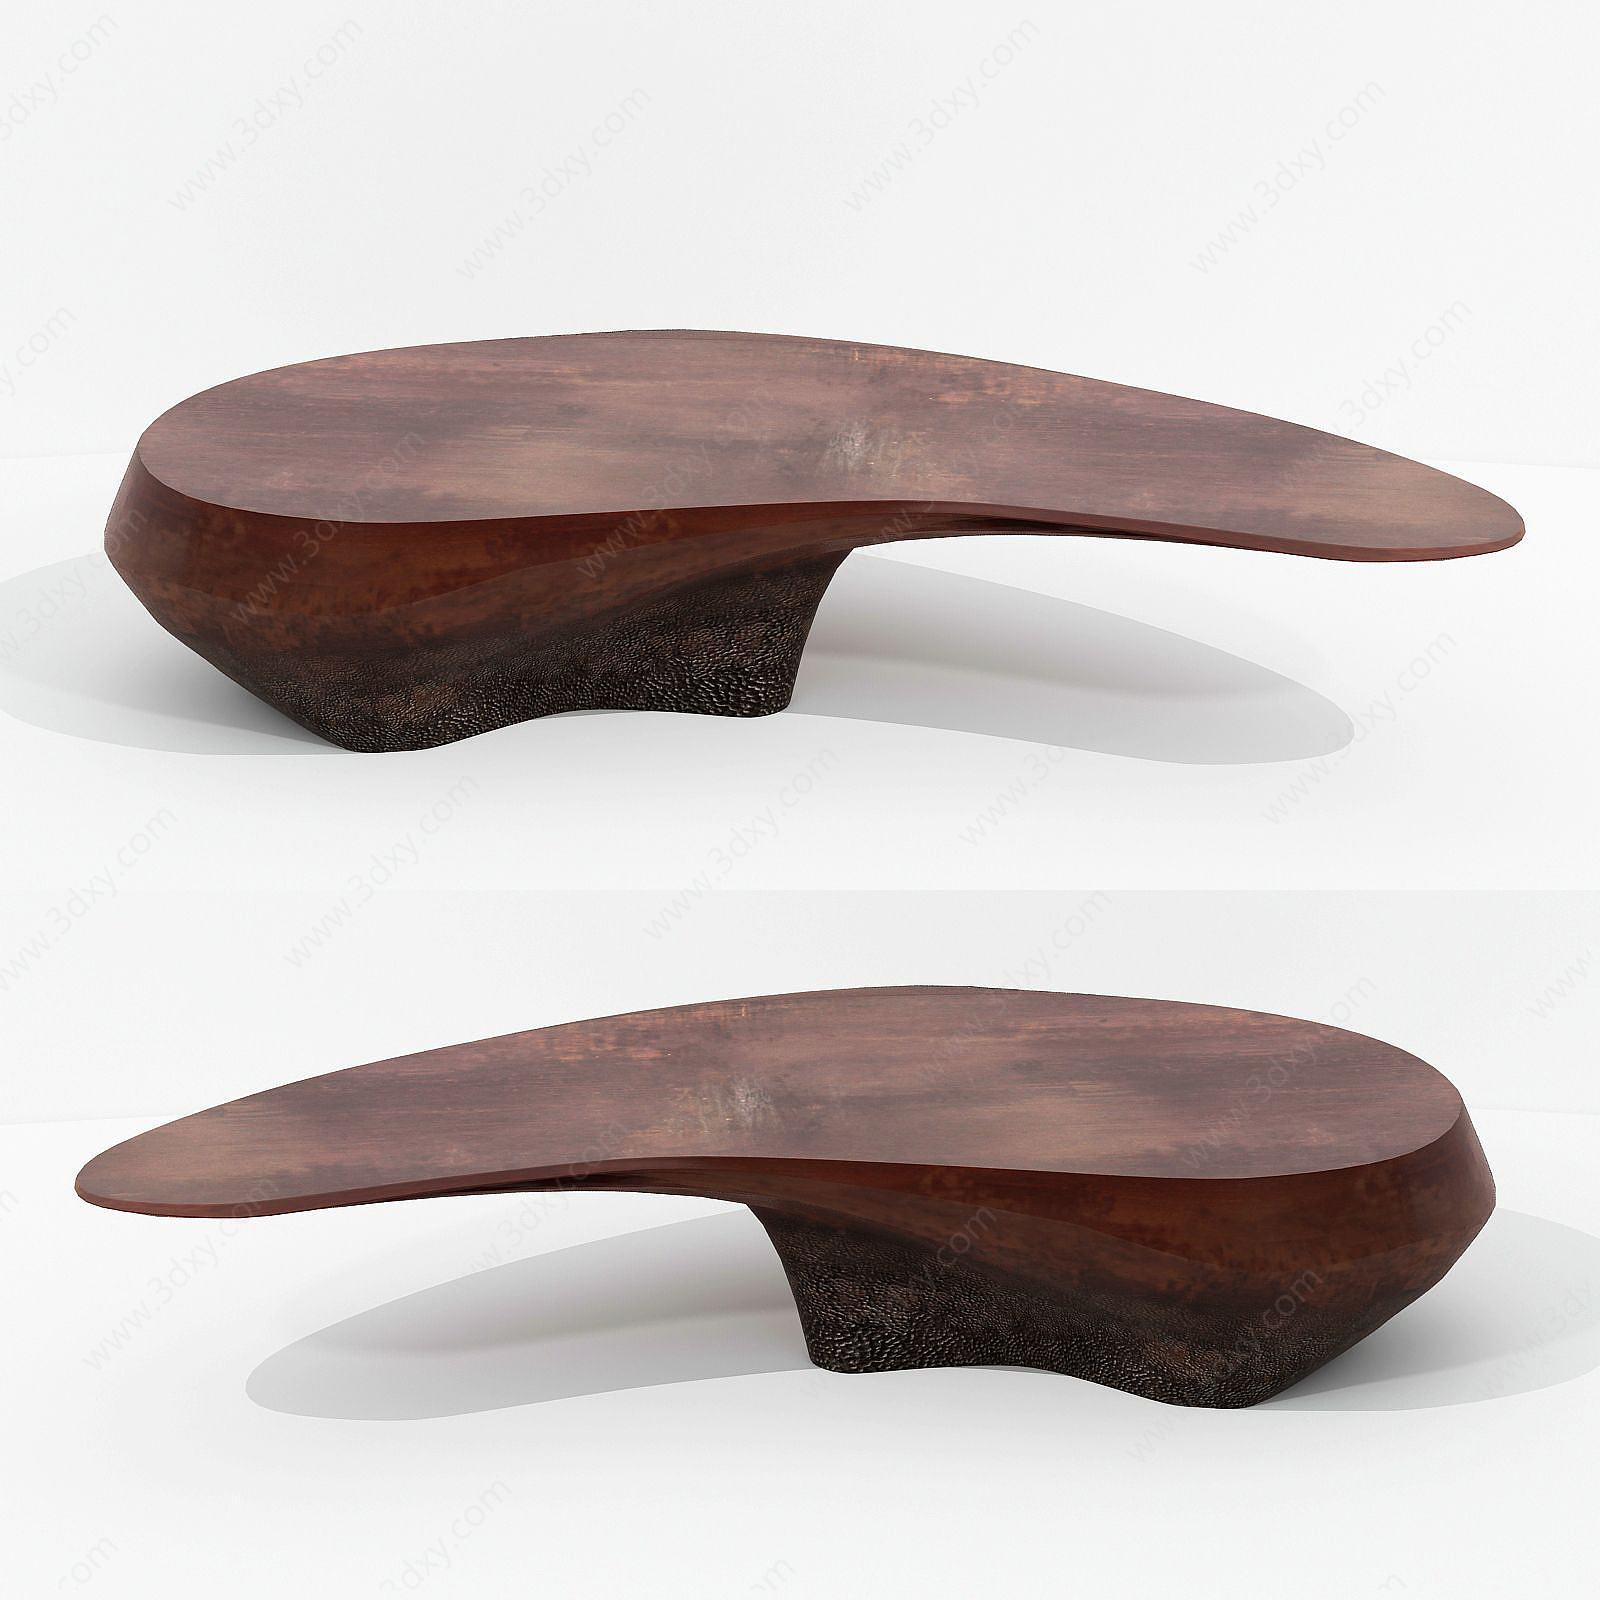 現代設計不規則茶桌休閑桌